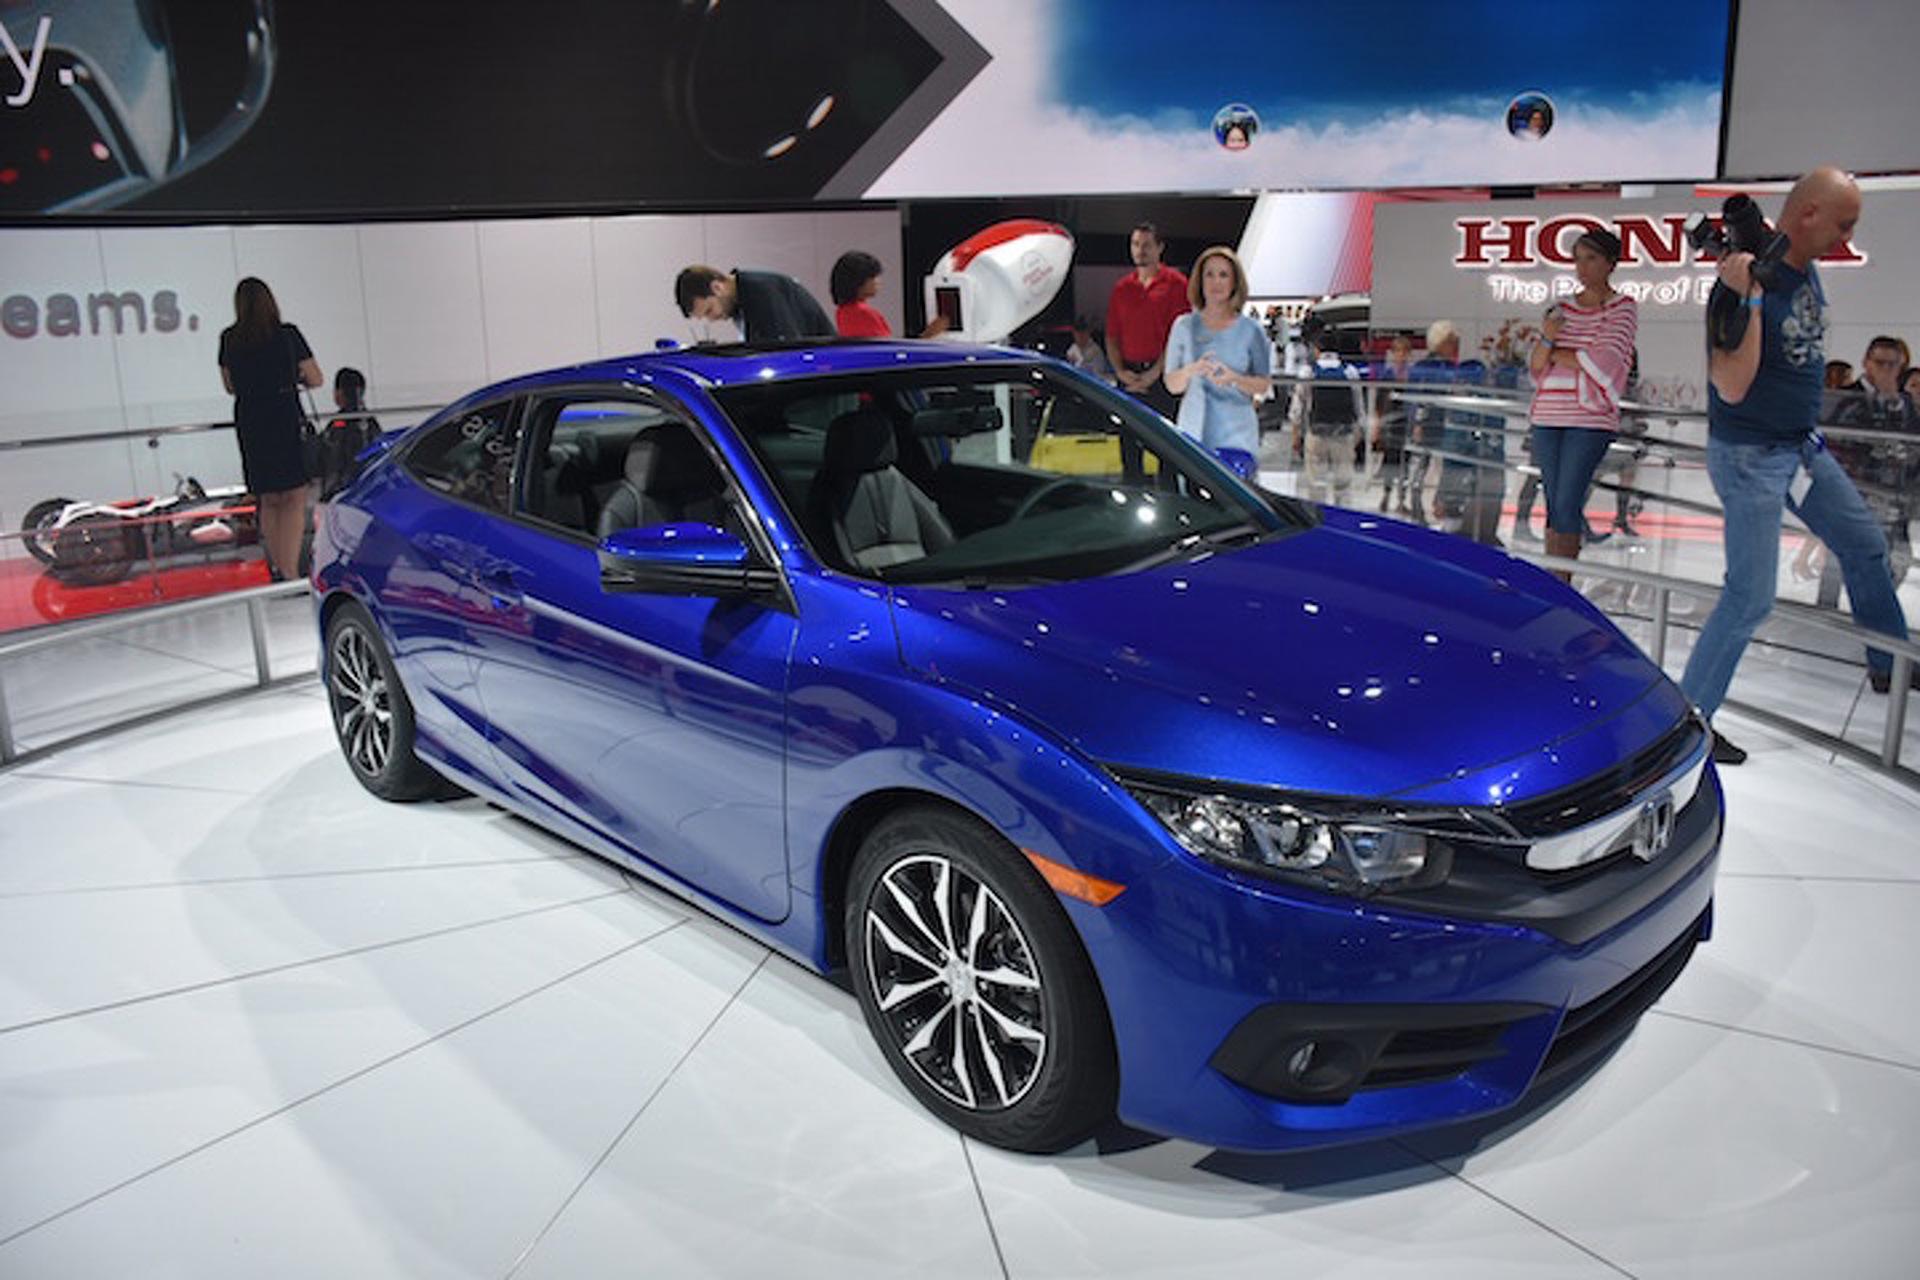 Honda Civic Coupe Bows in Blue at LA Auto Show